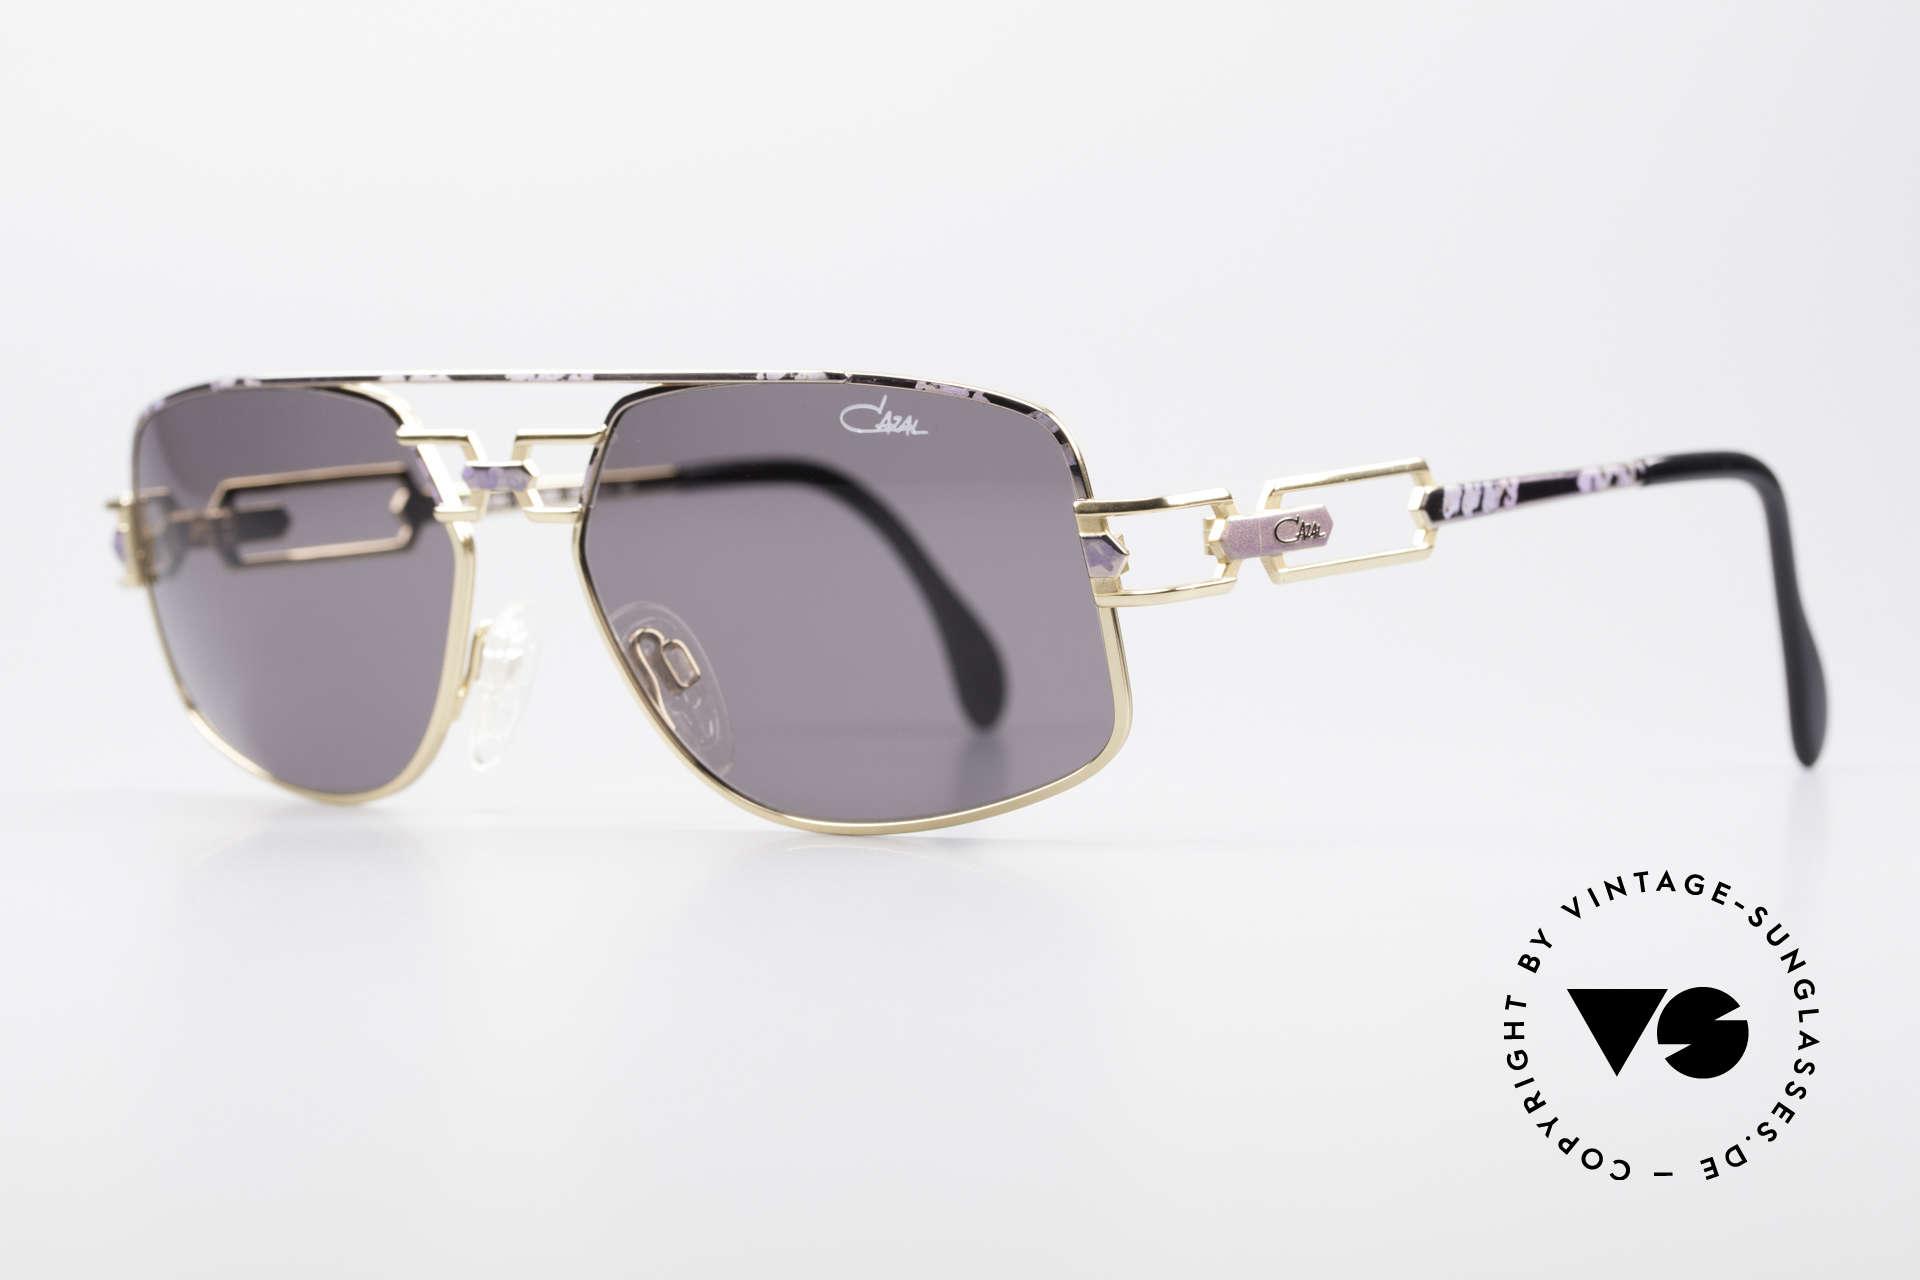 Cazal 972 True Vintage Brille No Retro, außergewöhnliche Rahmenlackierung: matt flieder / gold, Passend für Herren und Damen